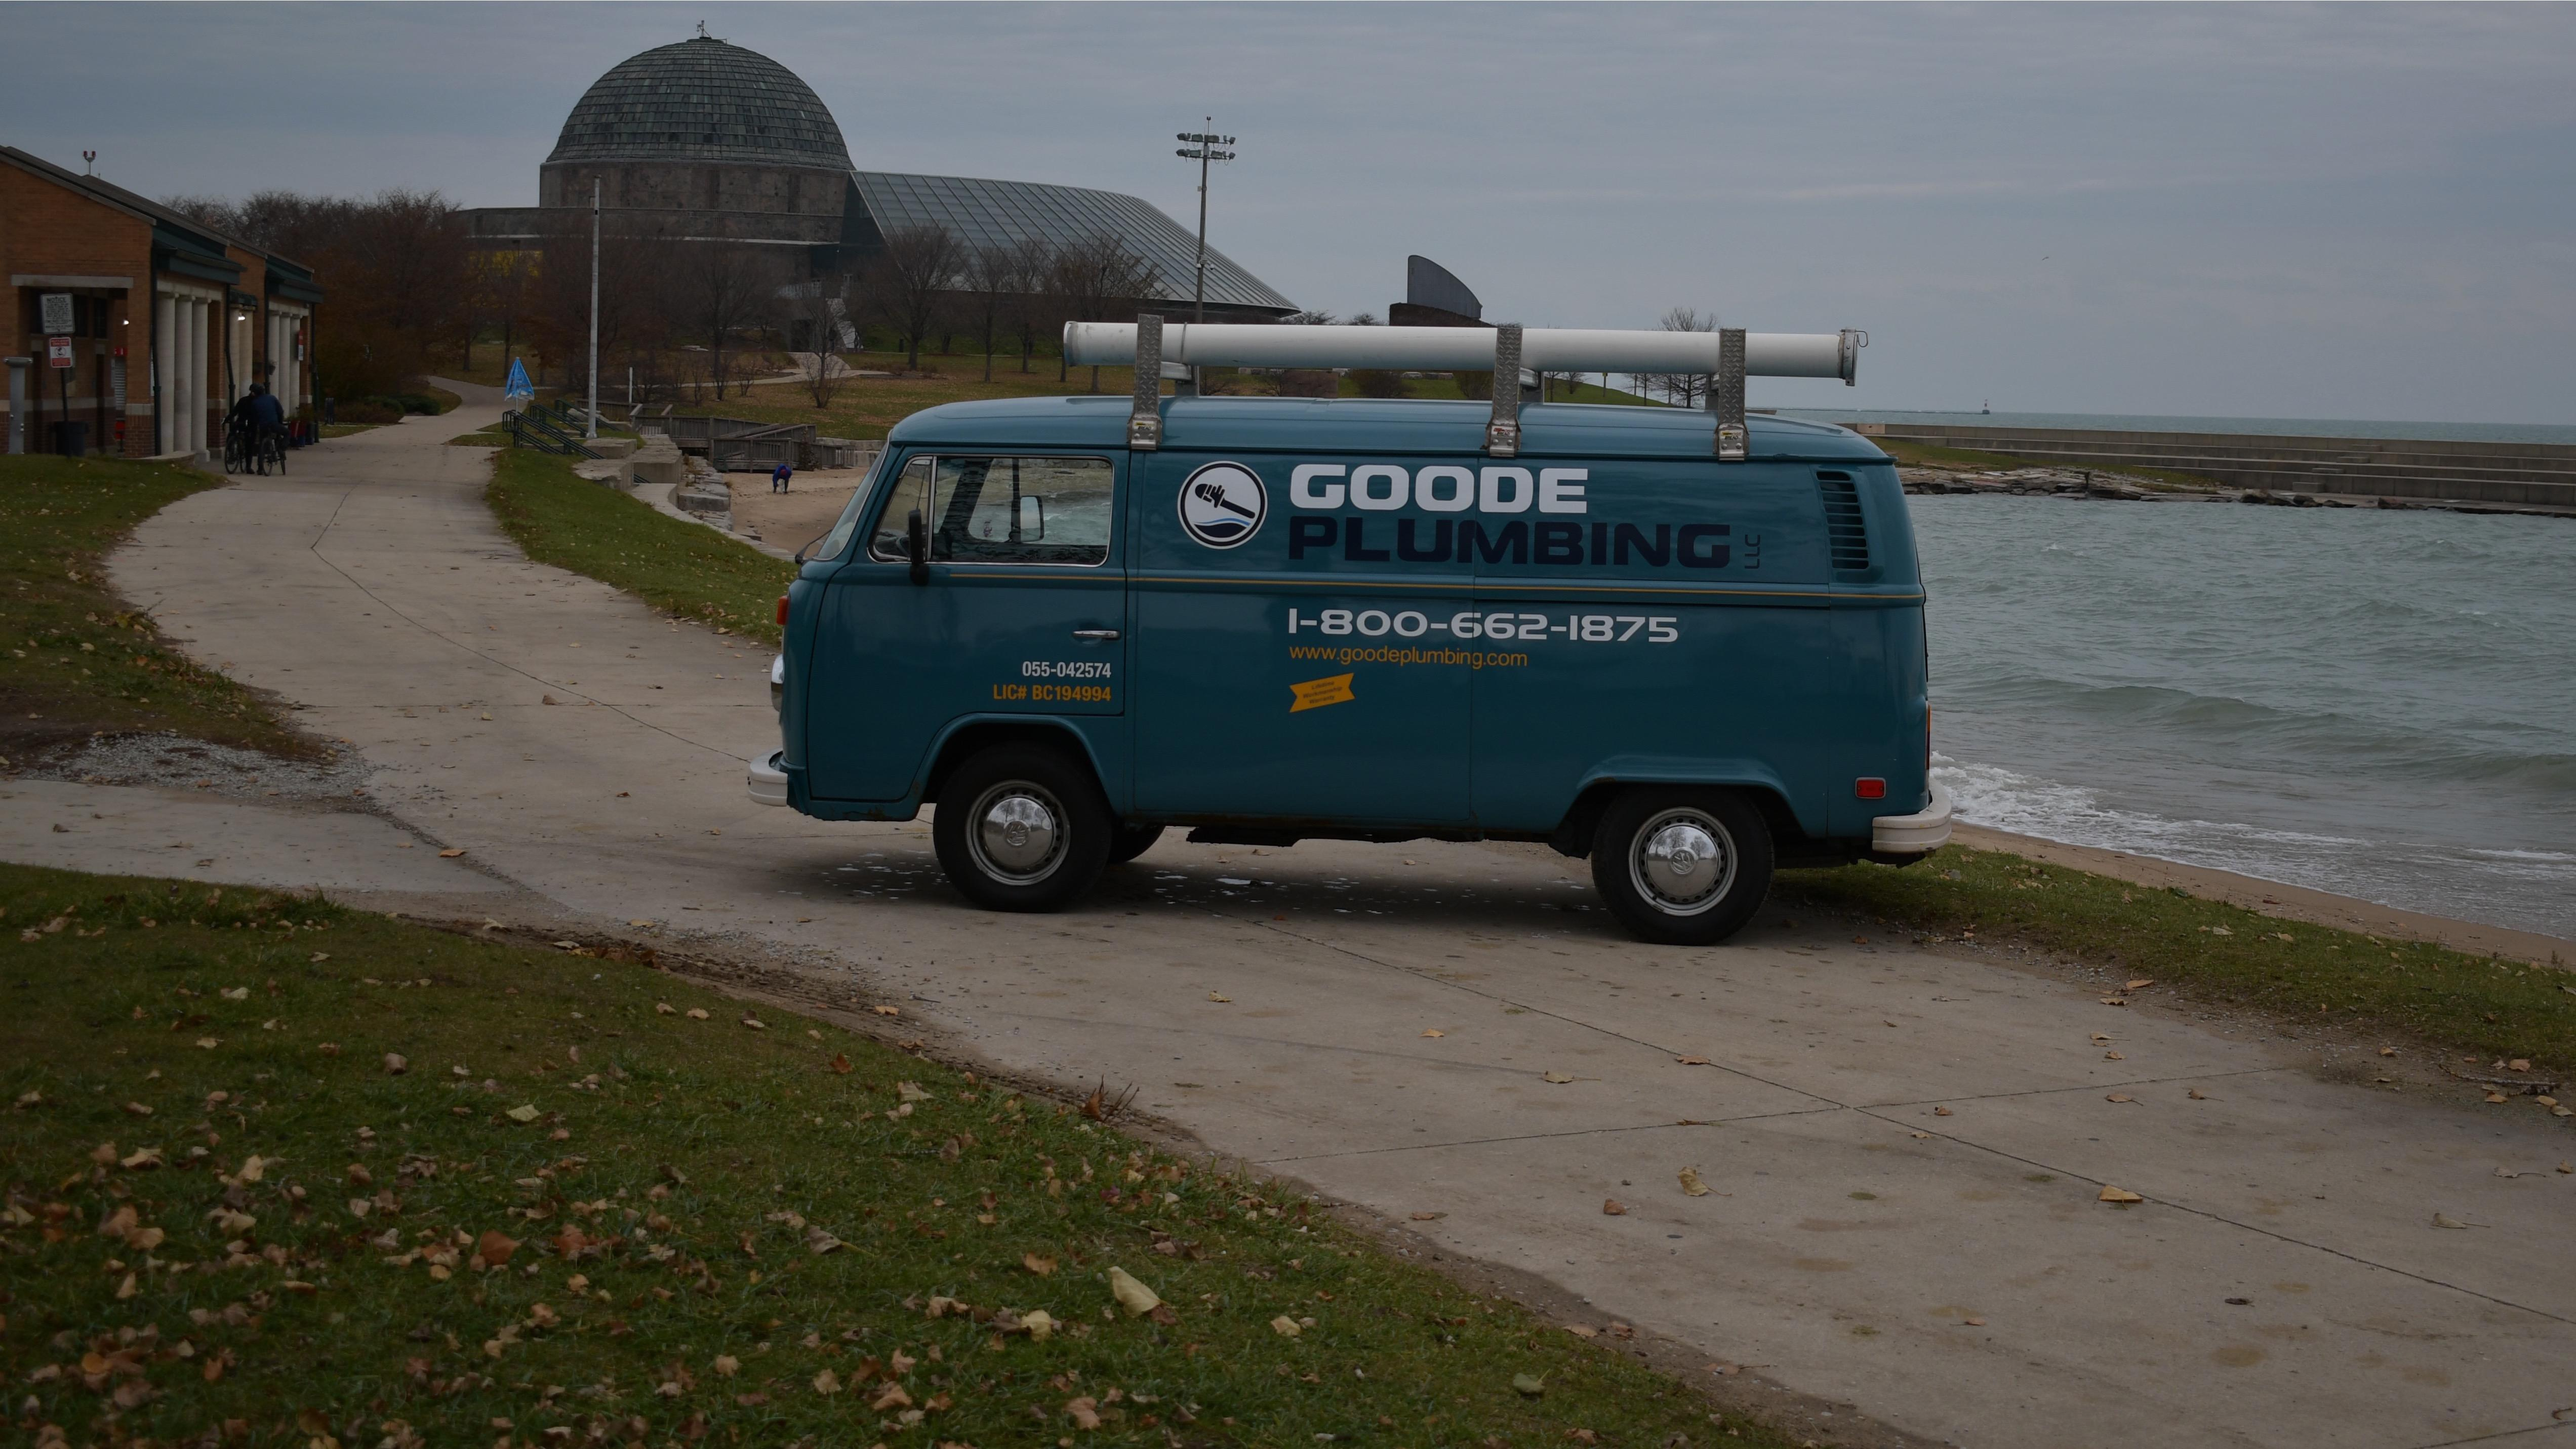 Goode Plumbing Chicago Plumbers